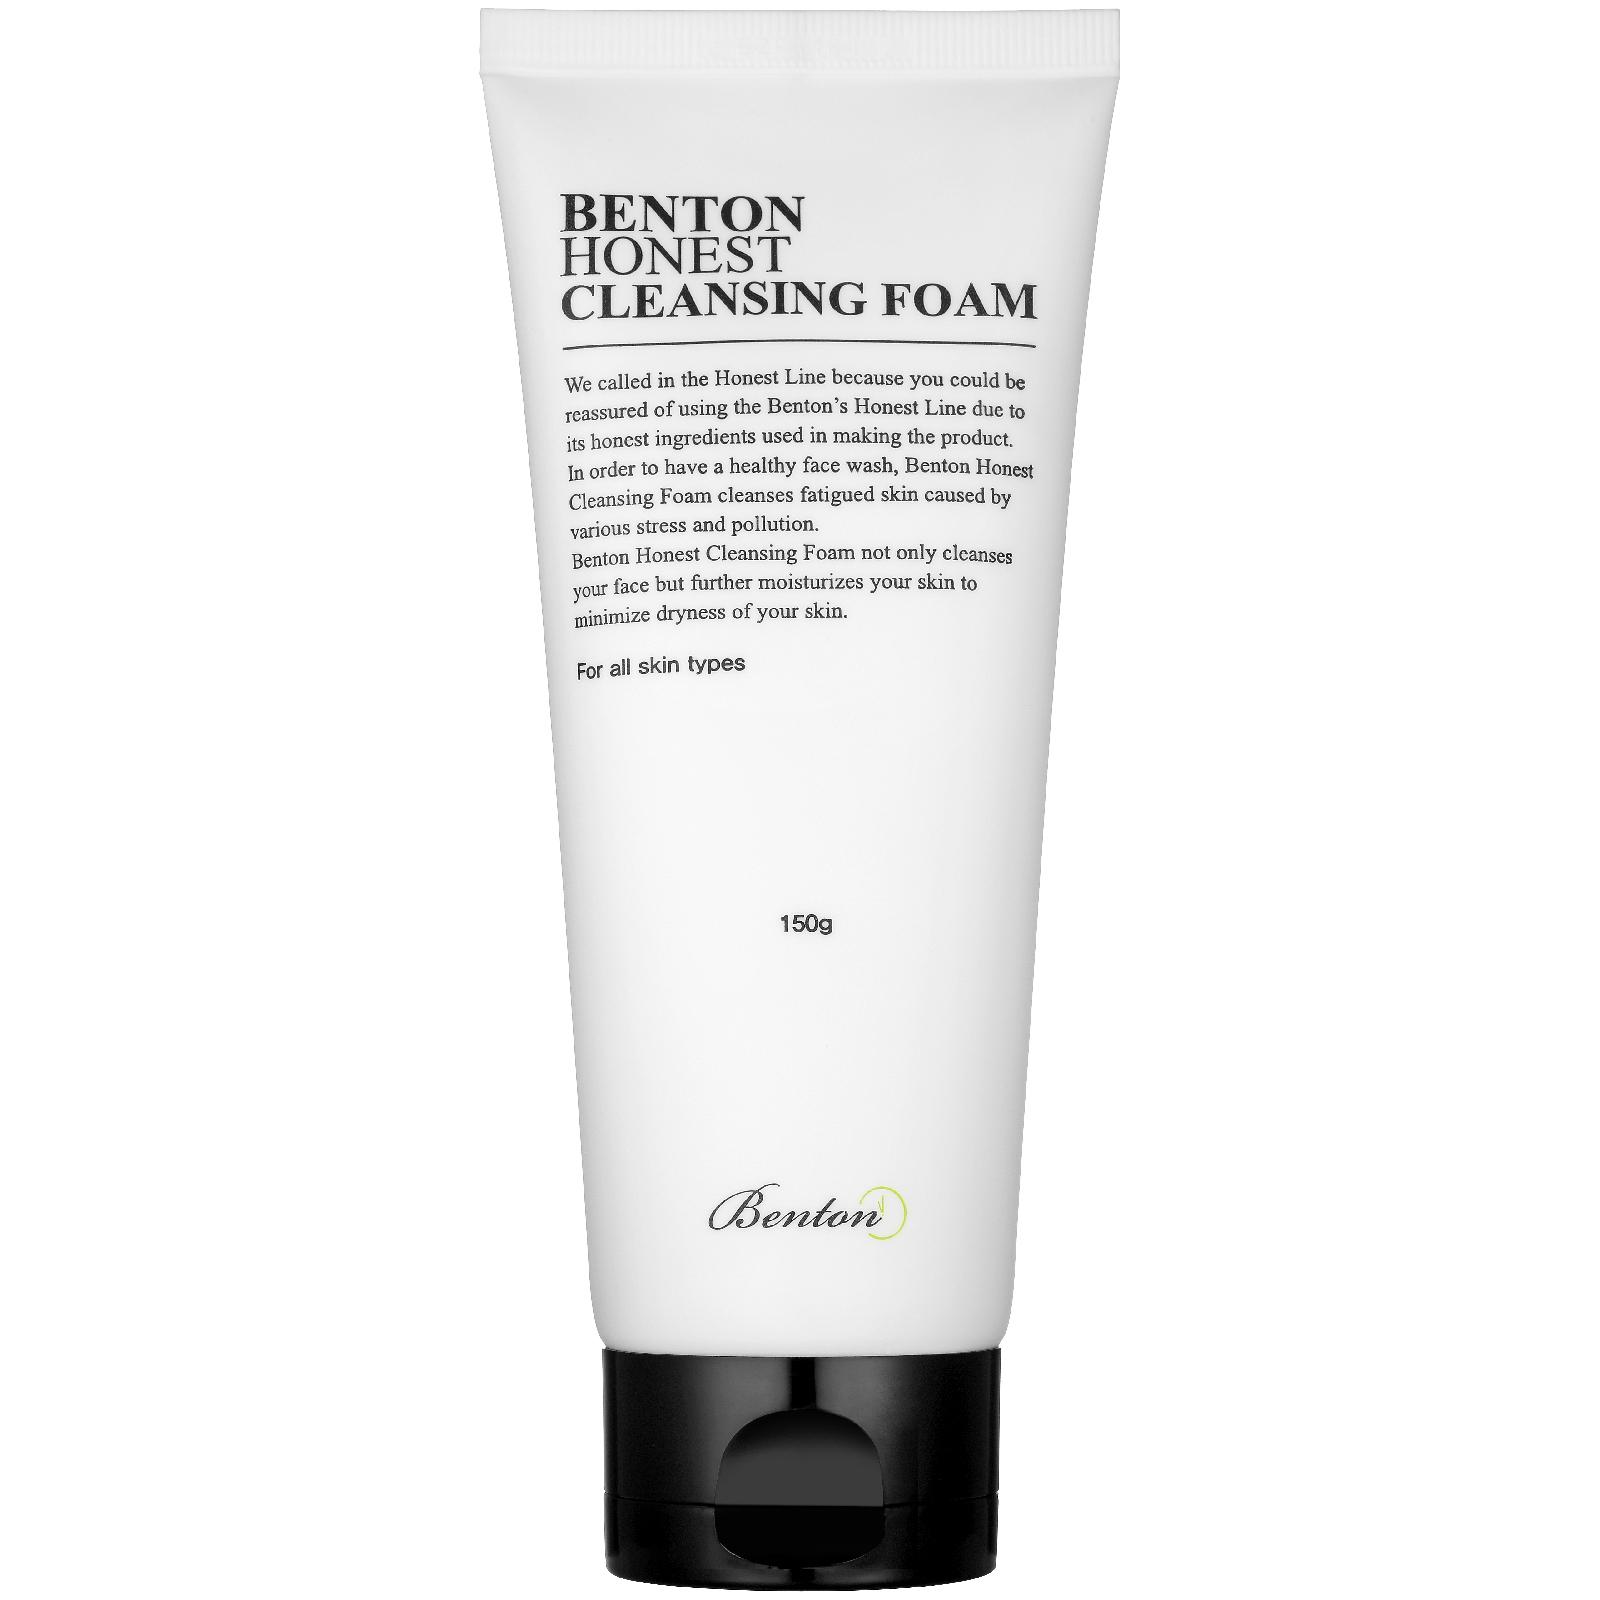 Benton Honest Cleansing Foam 150g